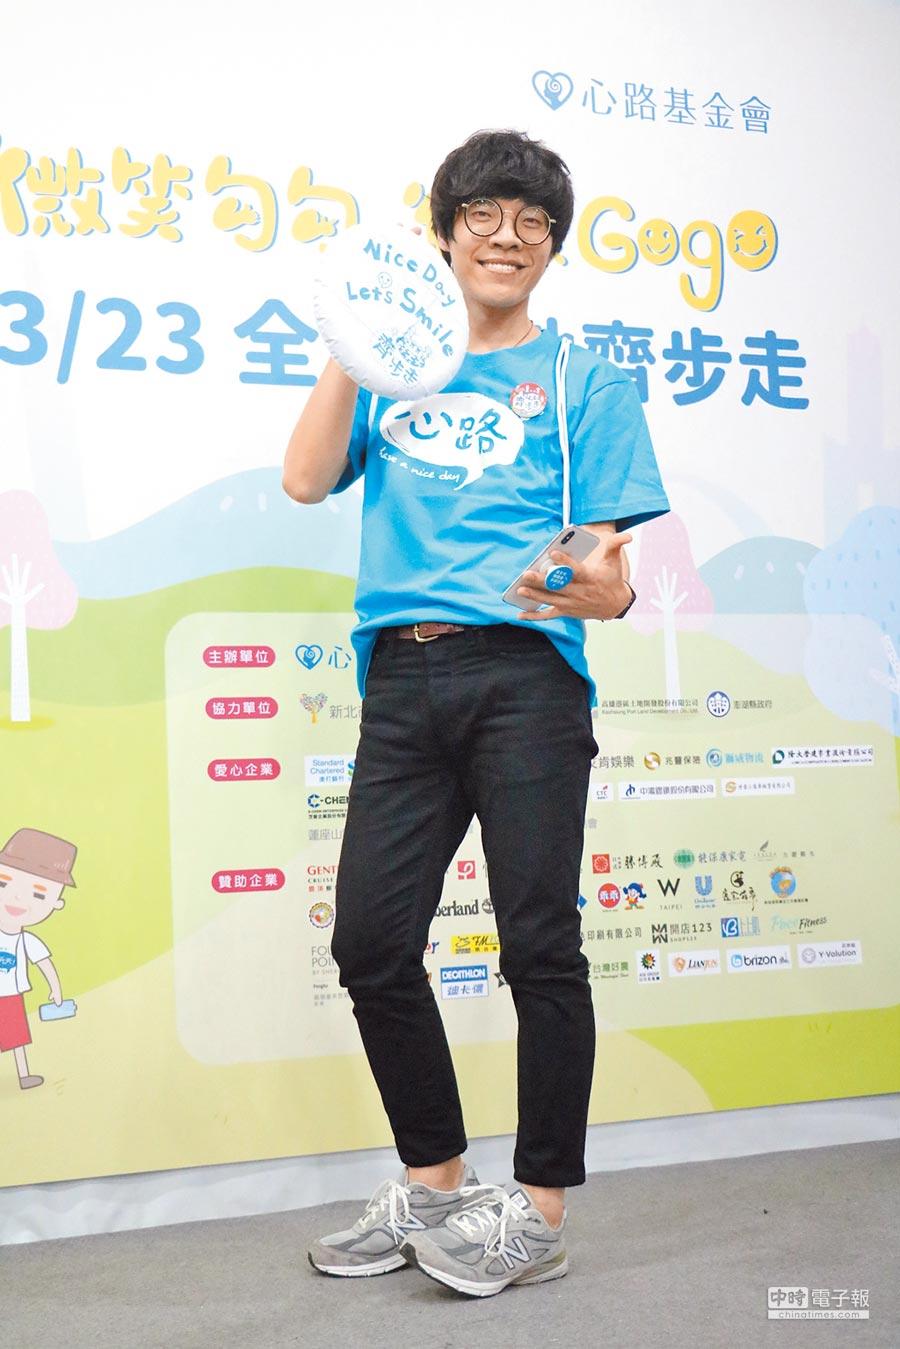 盧廣仲呼籲打造友善環境,支持障礙者參與社會。